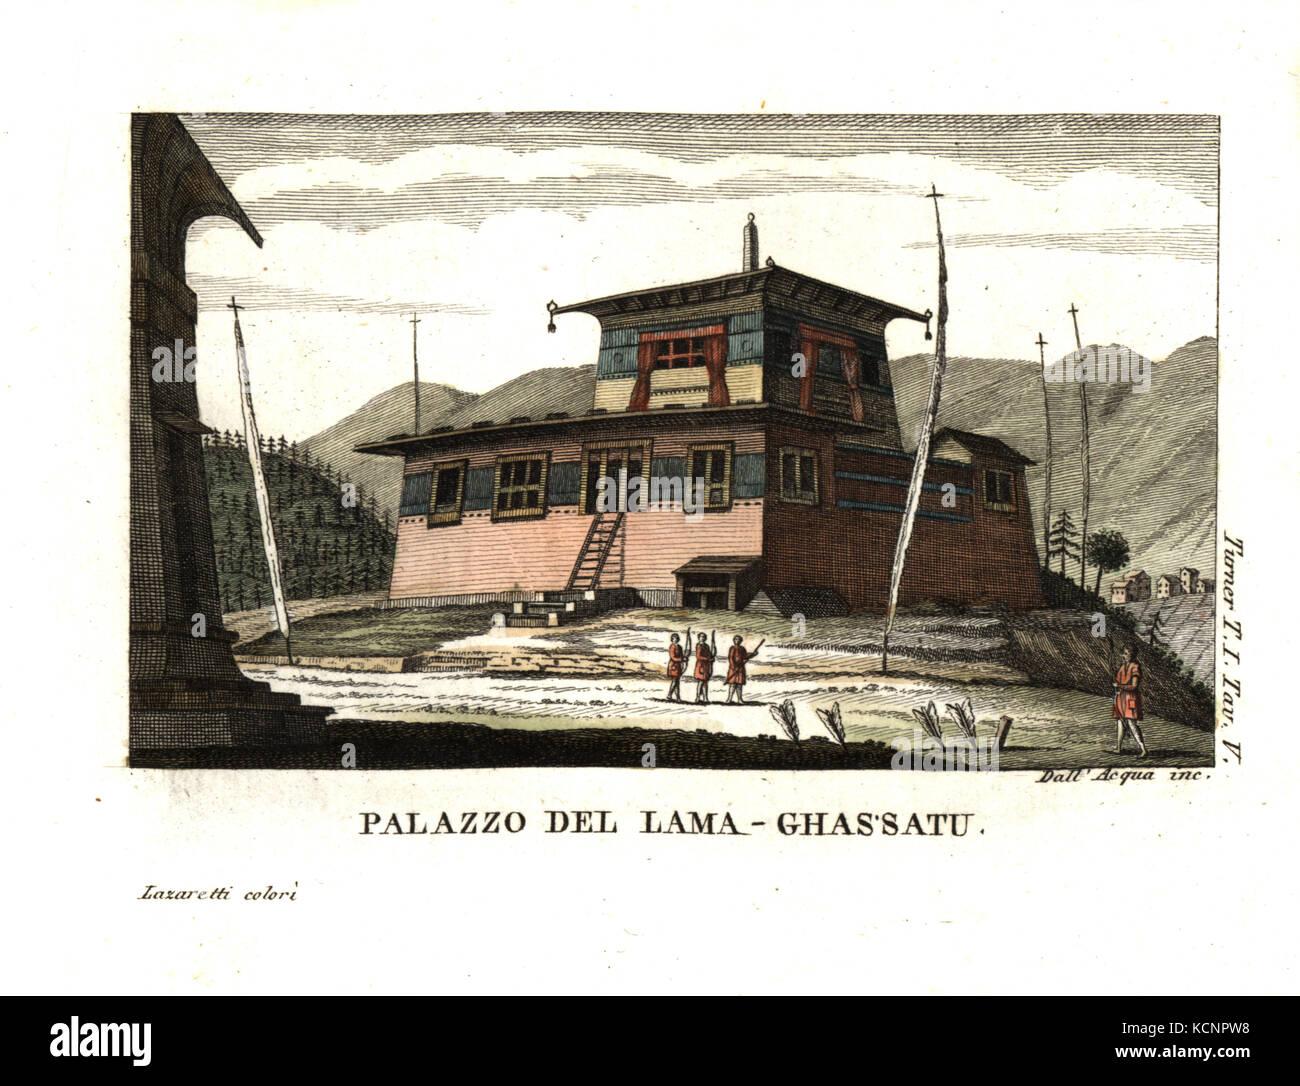 Residence of the Lam' Ghassatoo, Bhutan. Illustration by Lieutenant Samuel Davis from Captain Samuel Turner's - Stock Image